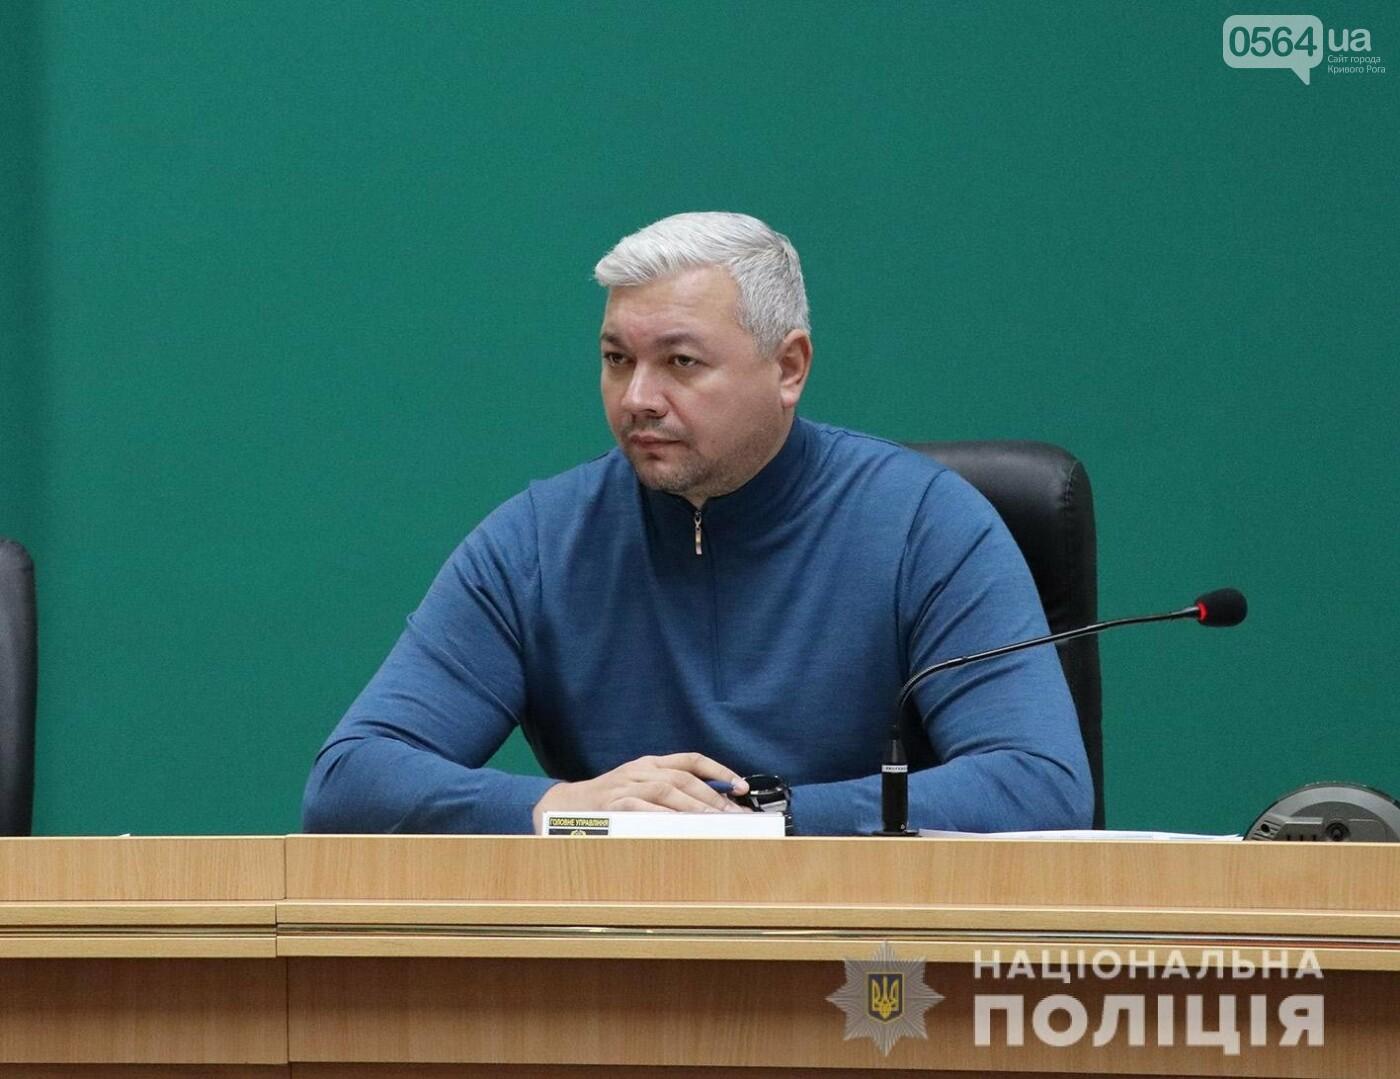 Начальник полиции Днепропетровщины напомнил об ответственности за своих подчиненных, - ФОТО, ВИДЕО , фото-1